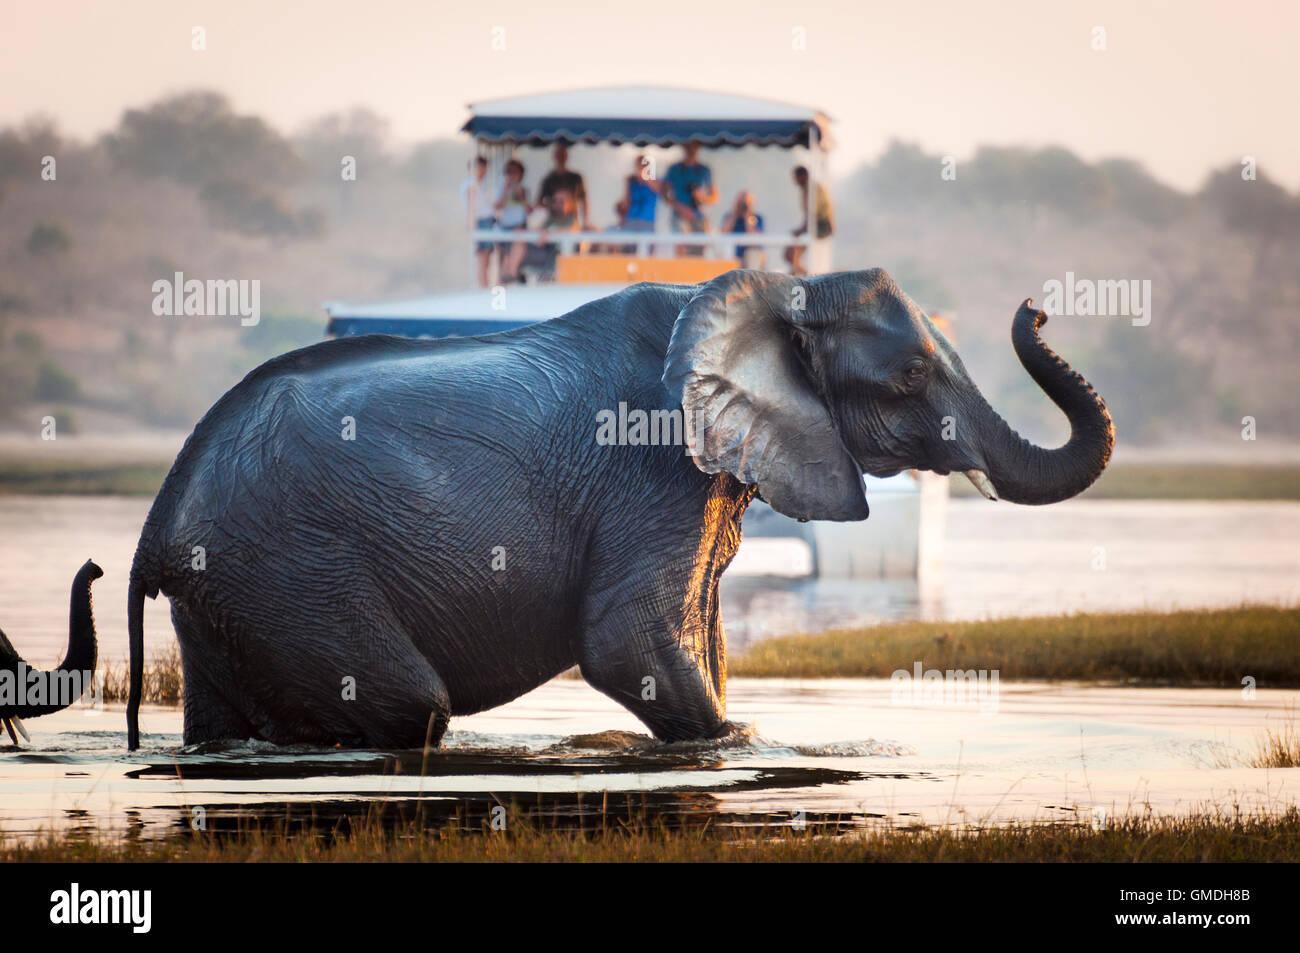 L'observation touristique un éléphant traversant une rivière dans le Parc National de Chobe au Photo Stock